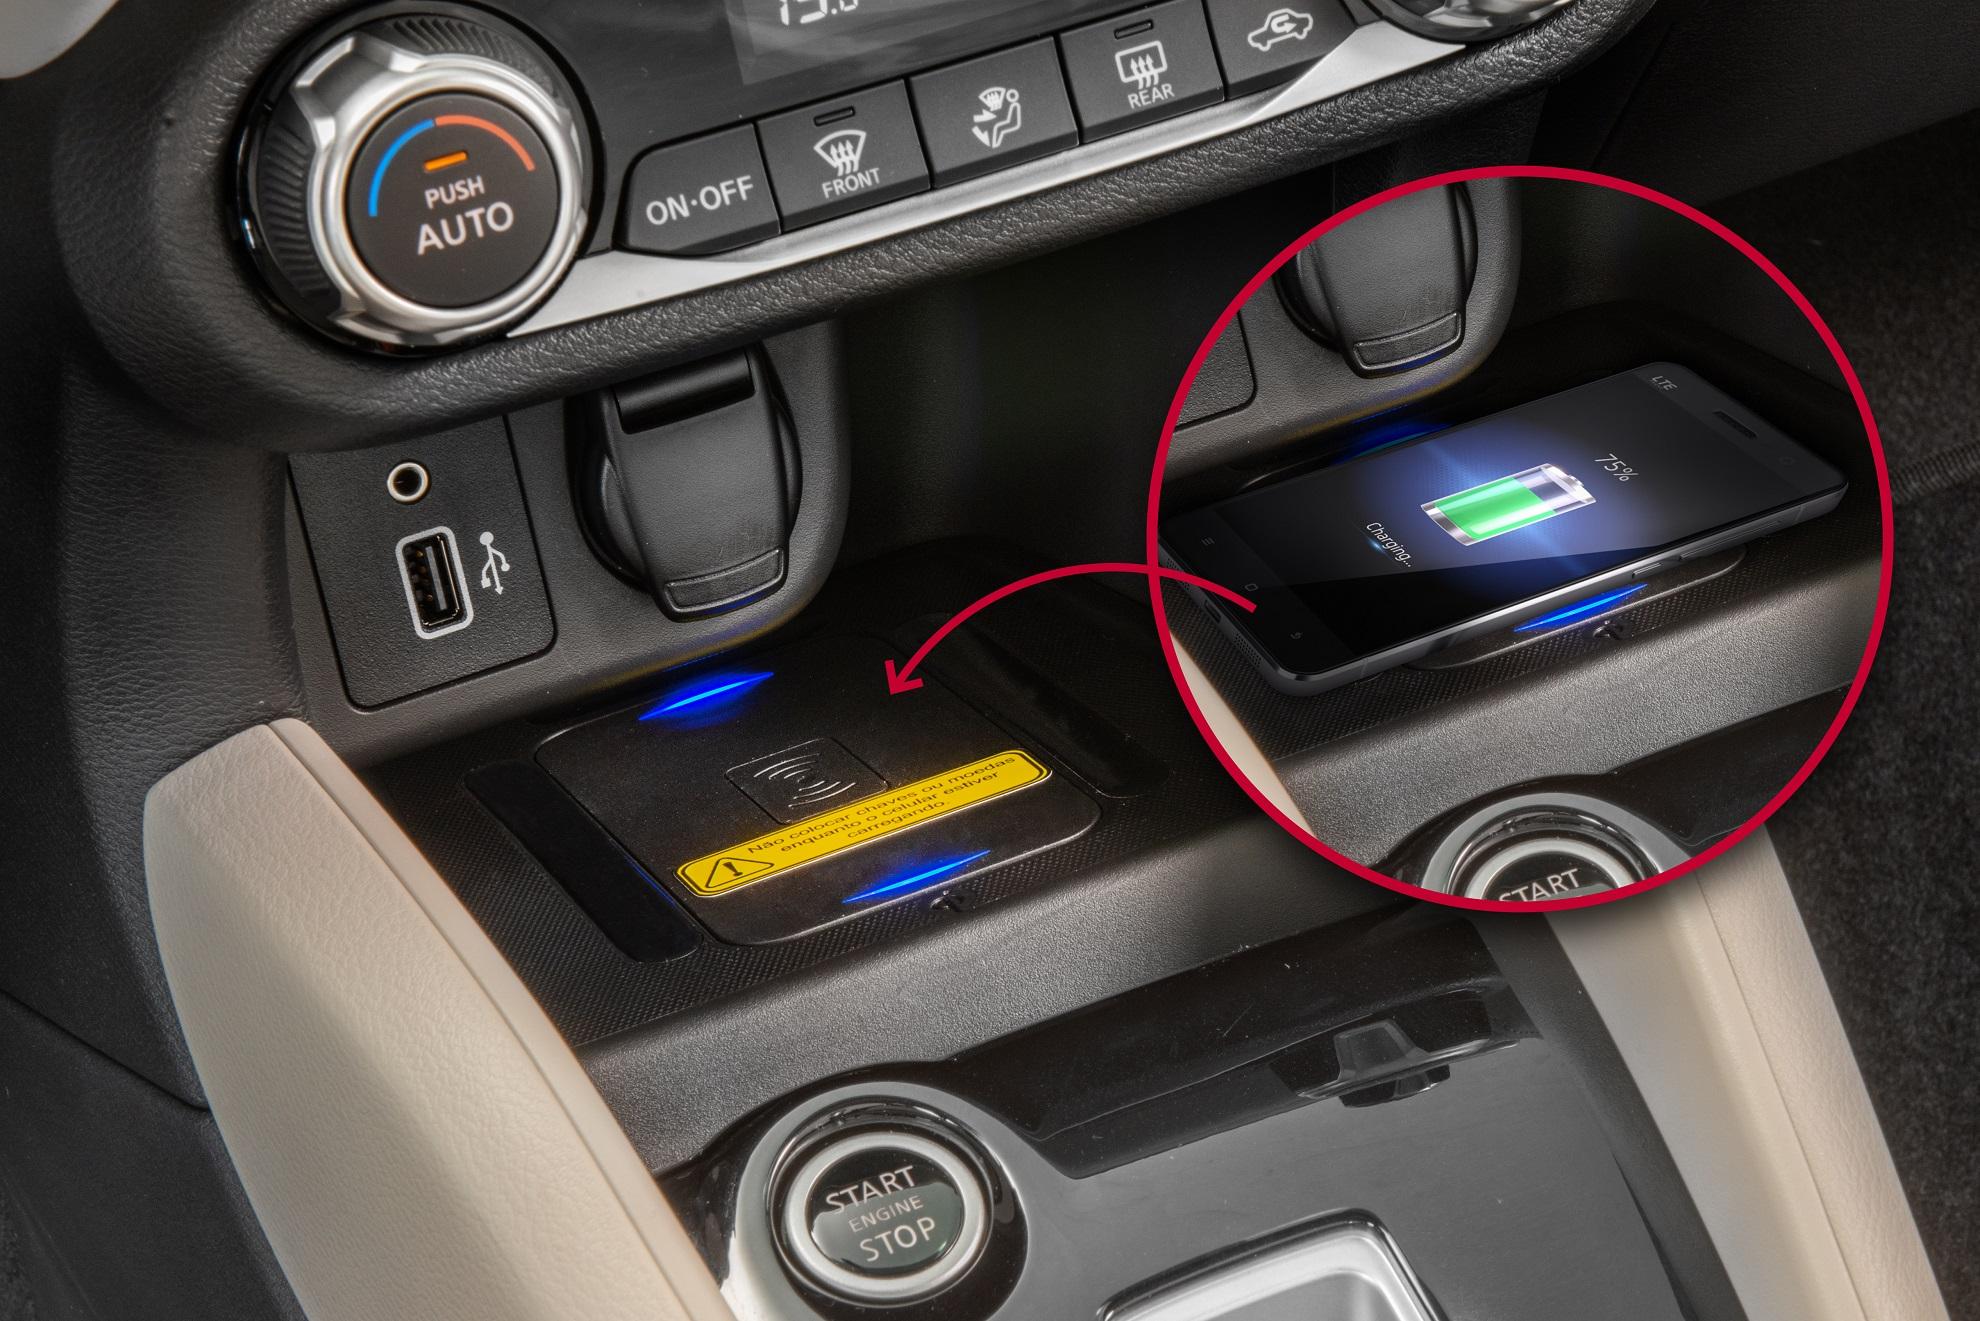 Console do Nissan Versa com carregador por indução